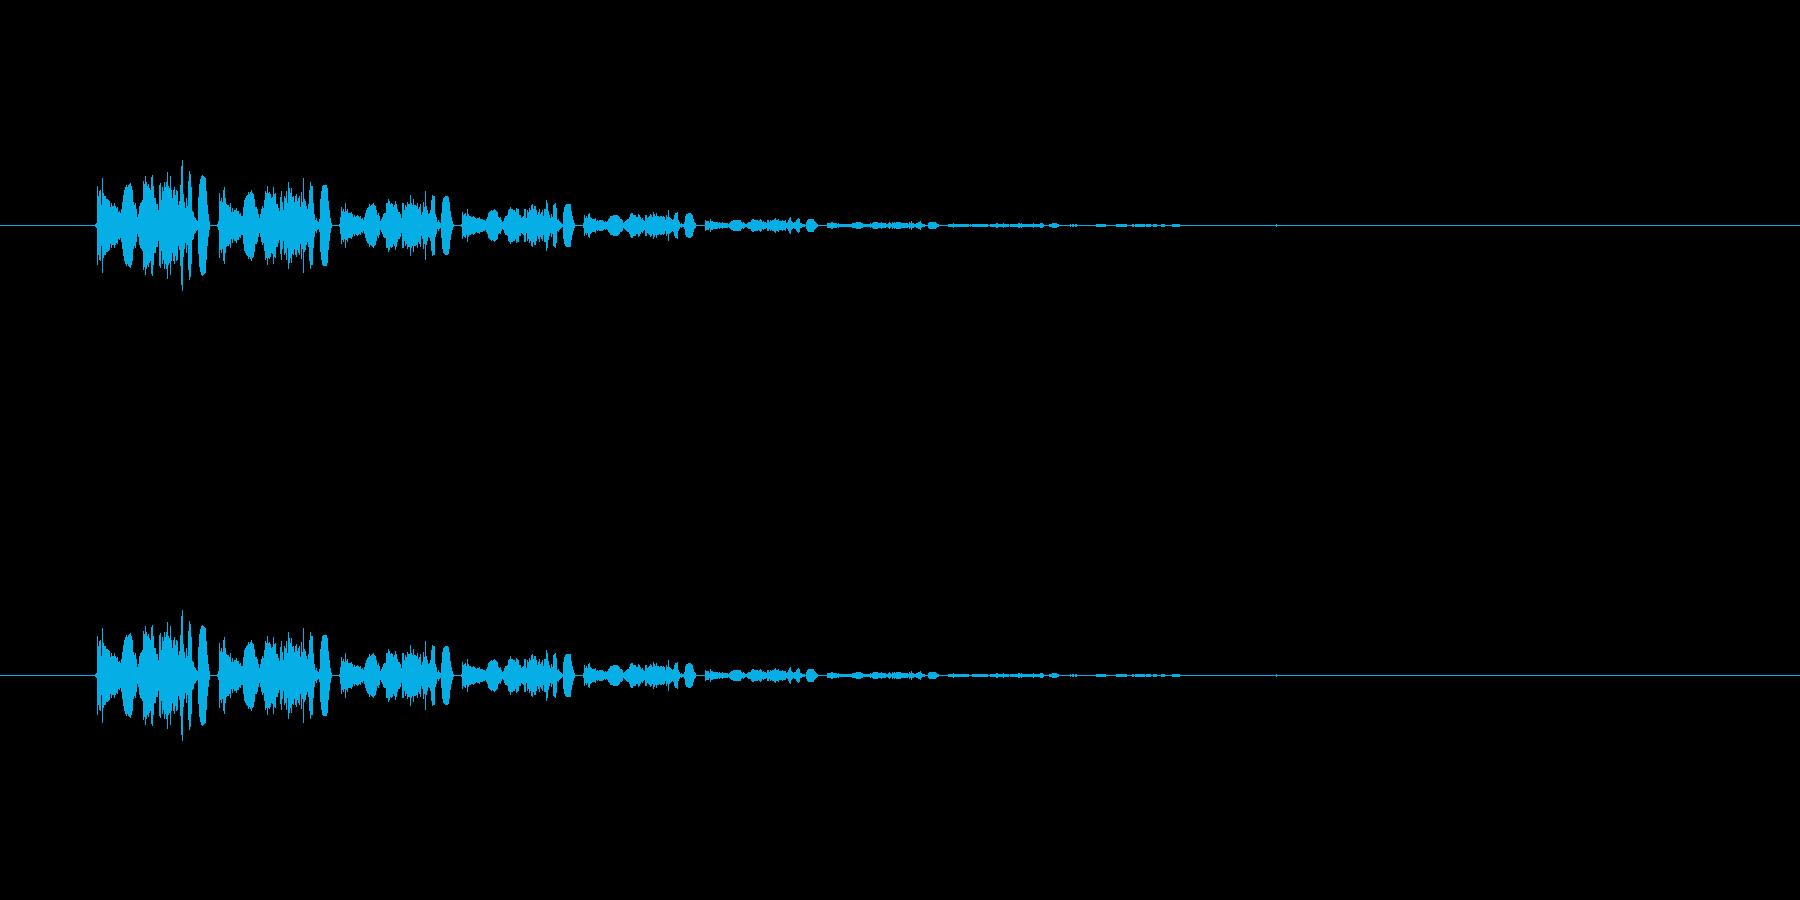 【アクセント31-6】の再生済みの波形